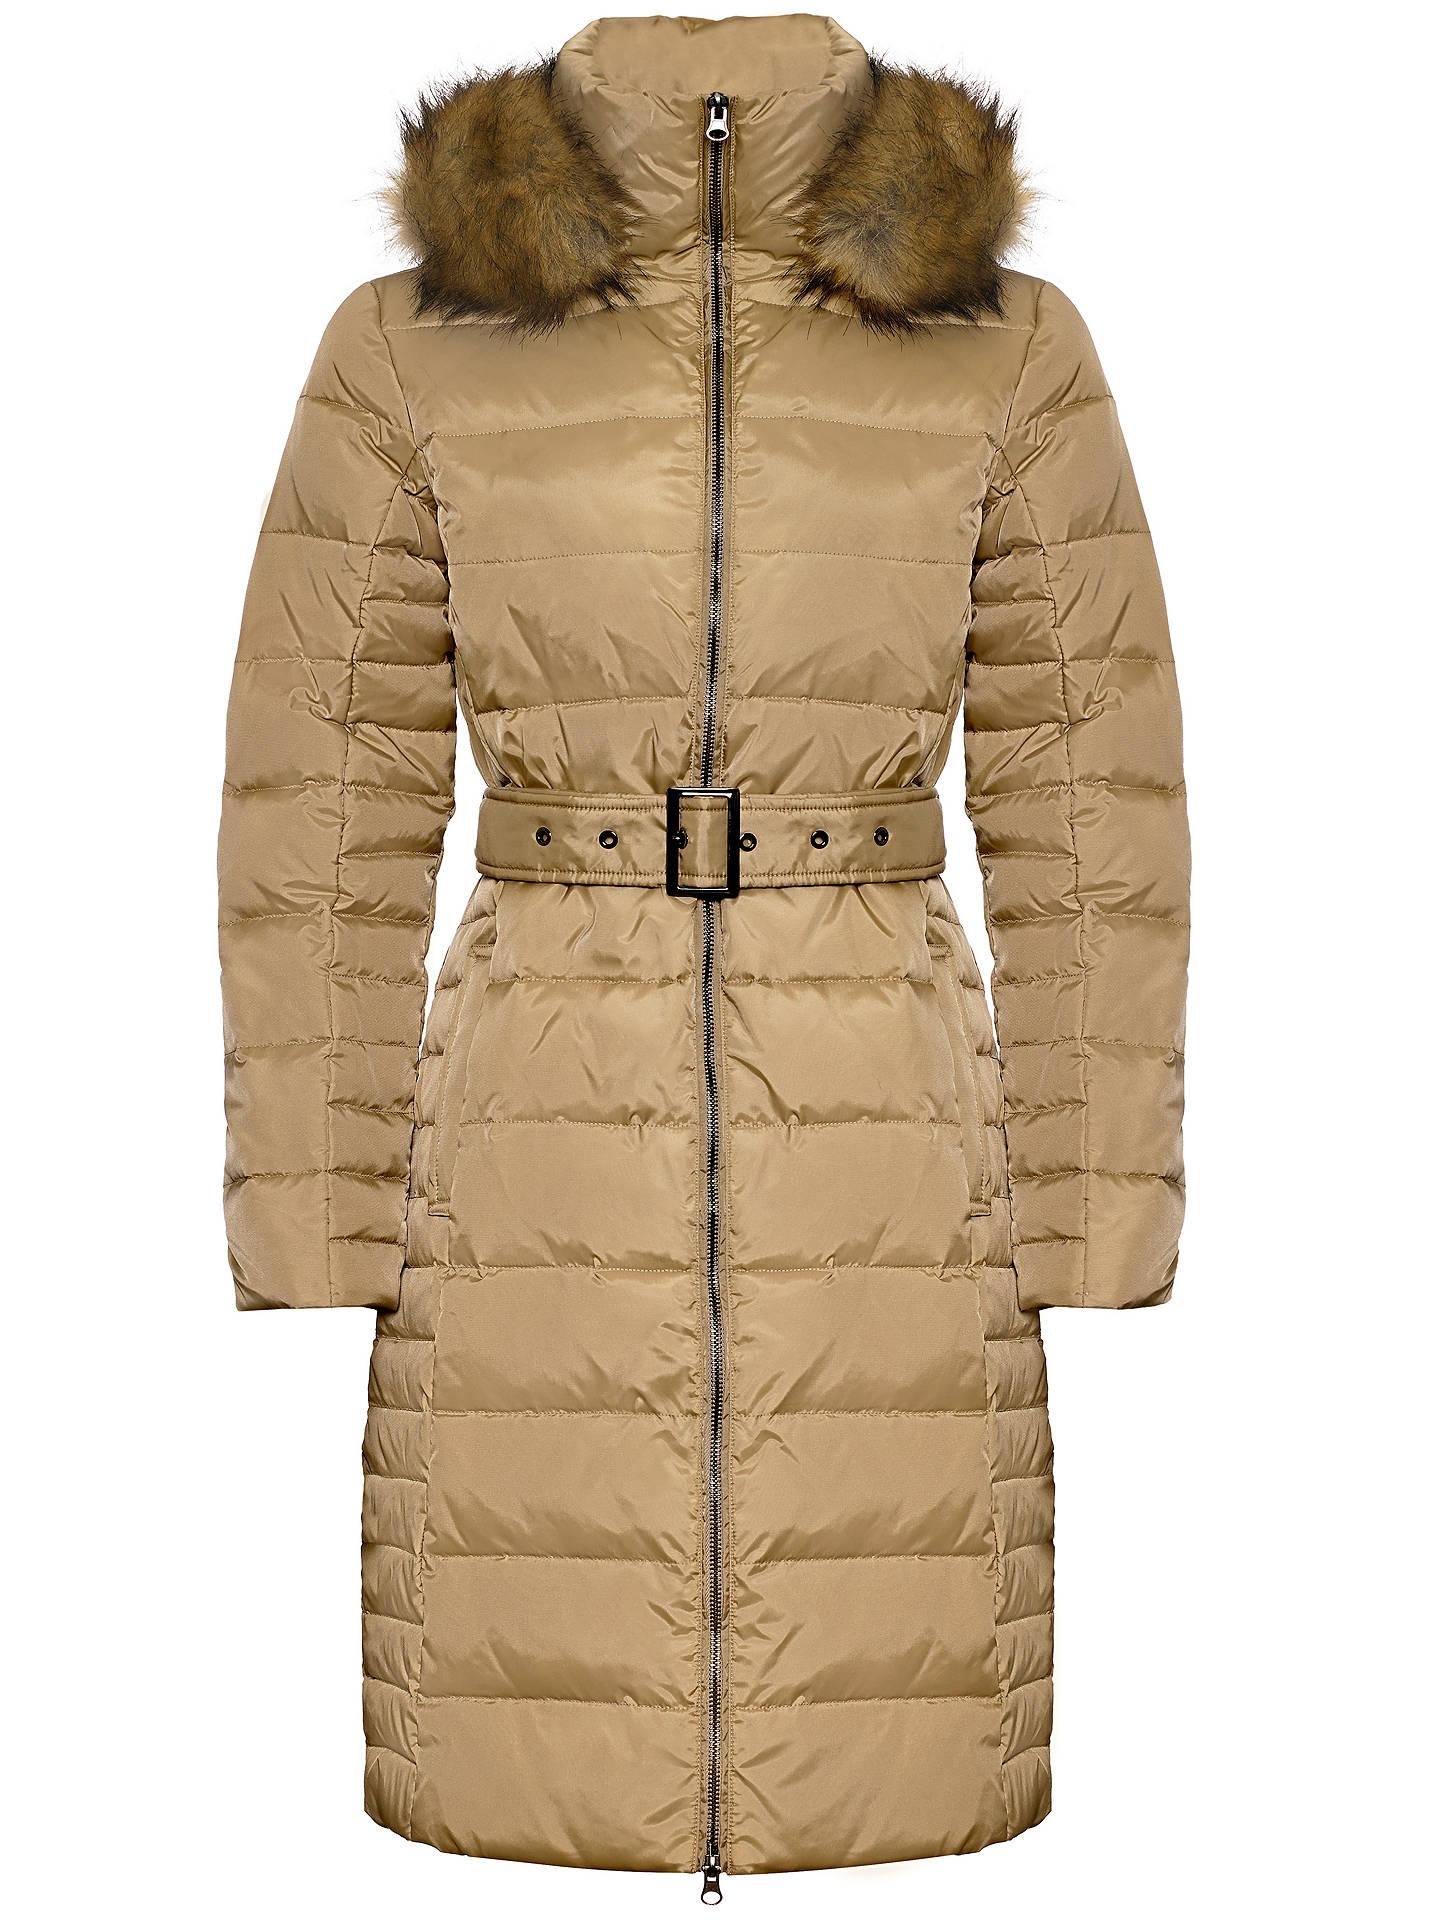 Jaeger Fur Trim Belted Puffa Coat at John Lewis & Partners